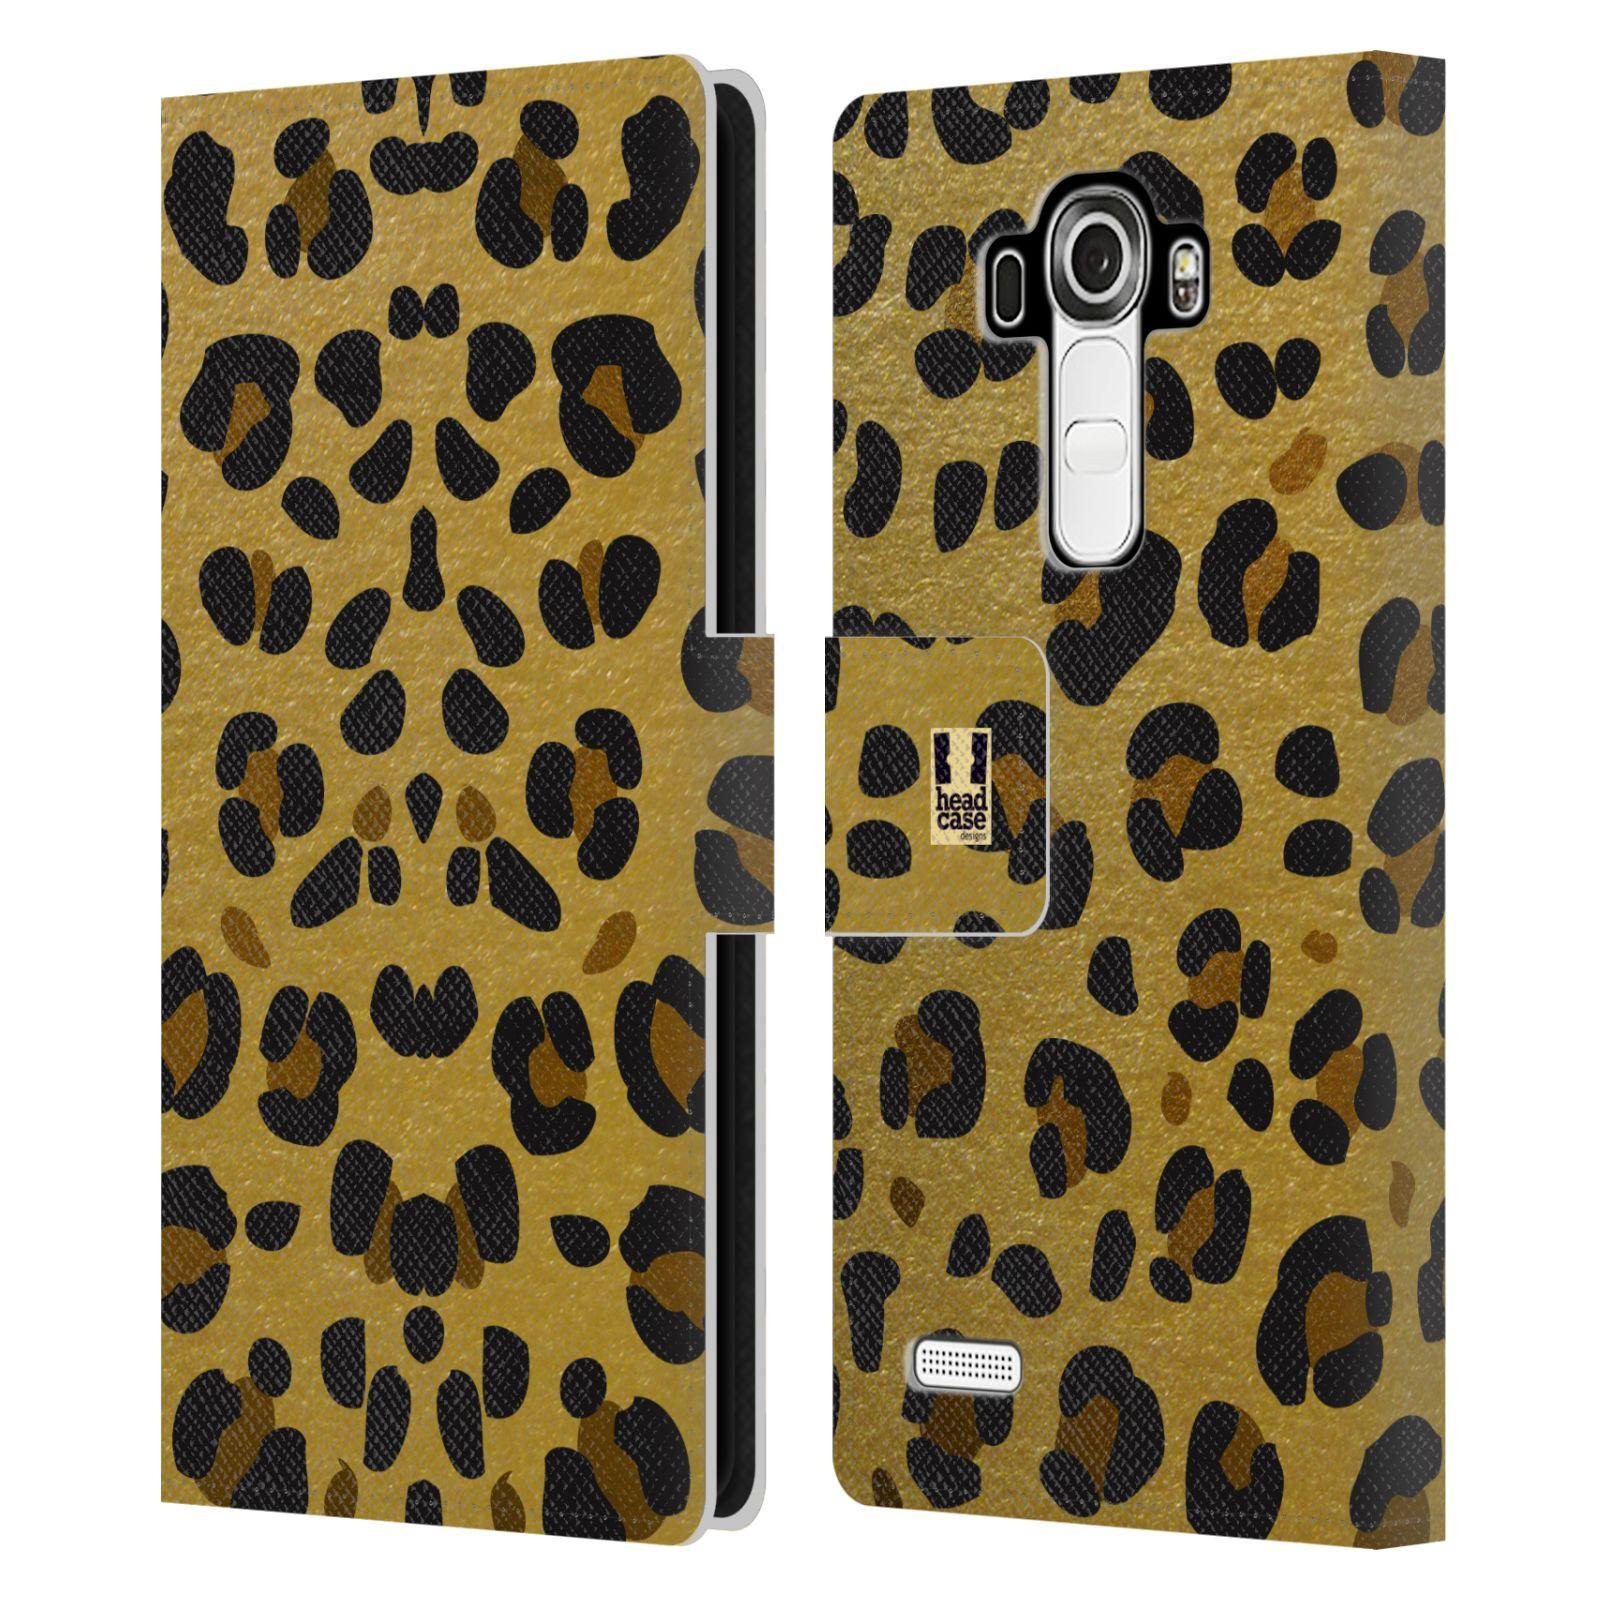 Pouzdro na mobil LG G4 - Head Case - Fashion zvířecí vzor